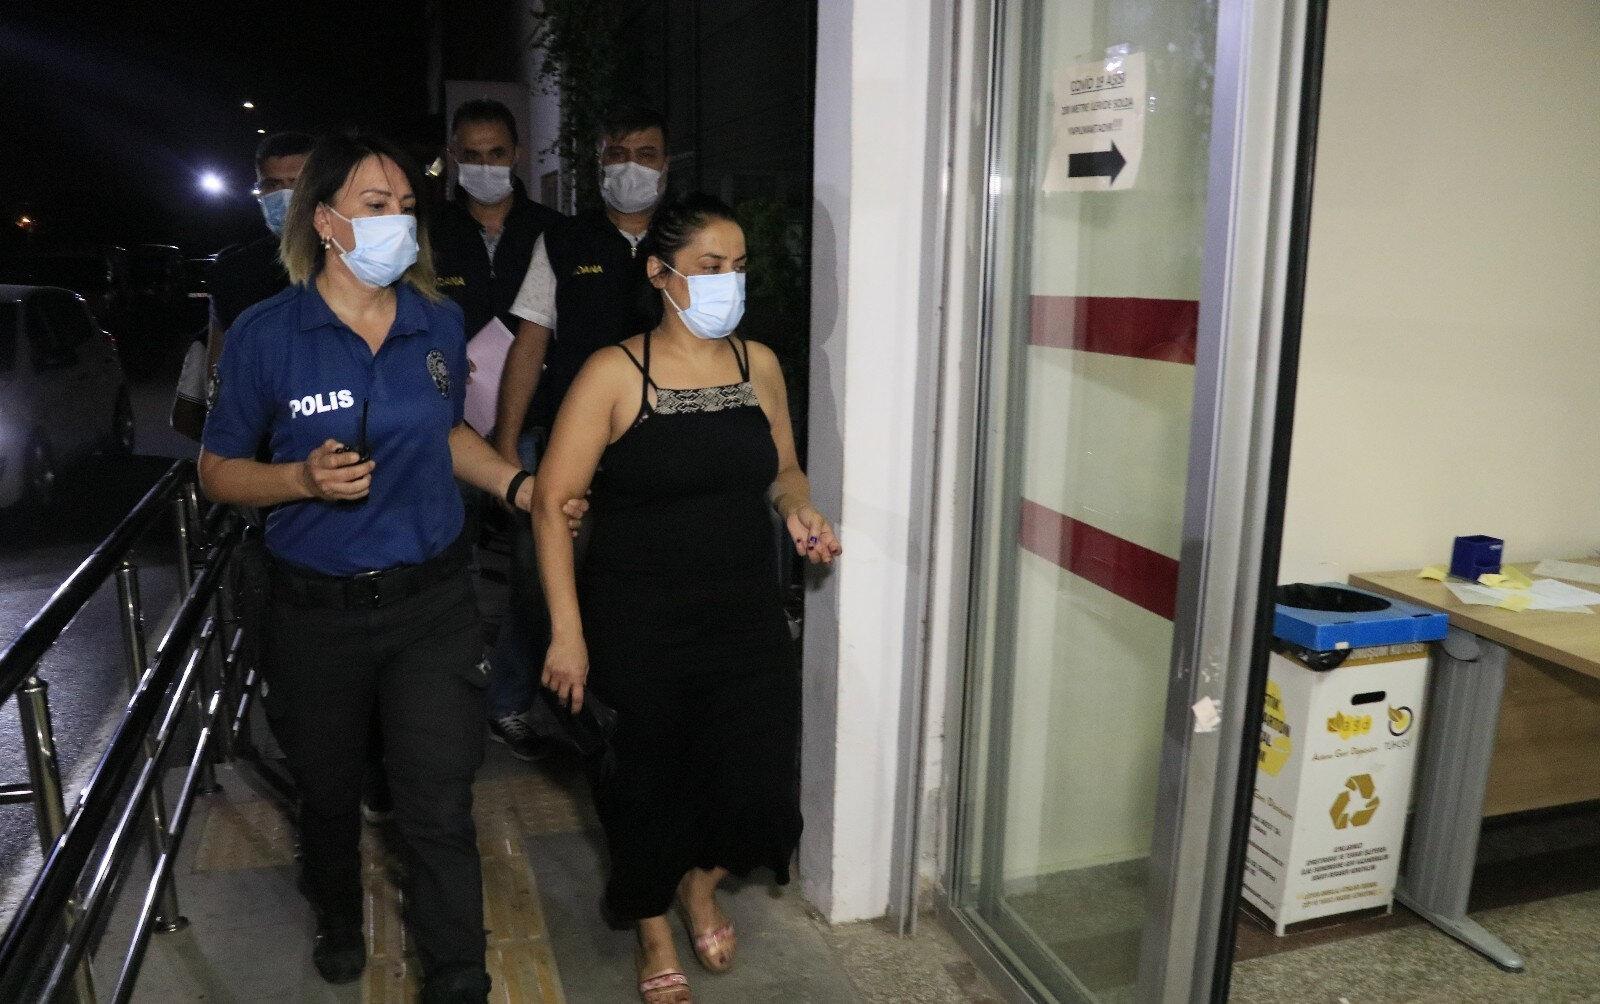 Türk Bayrağını indirip çöpe atan kadın yakalanarak gözaltına alındı.